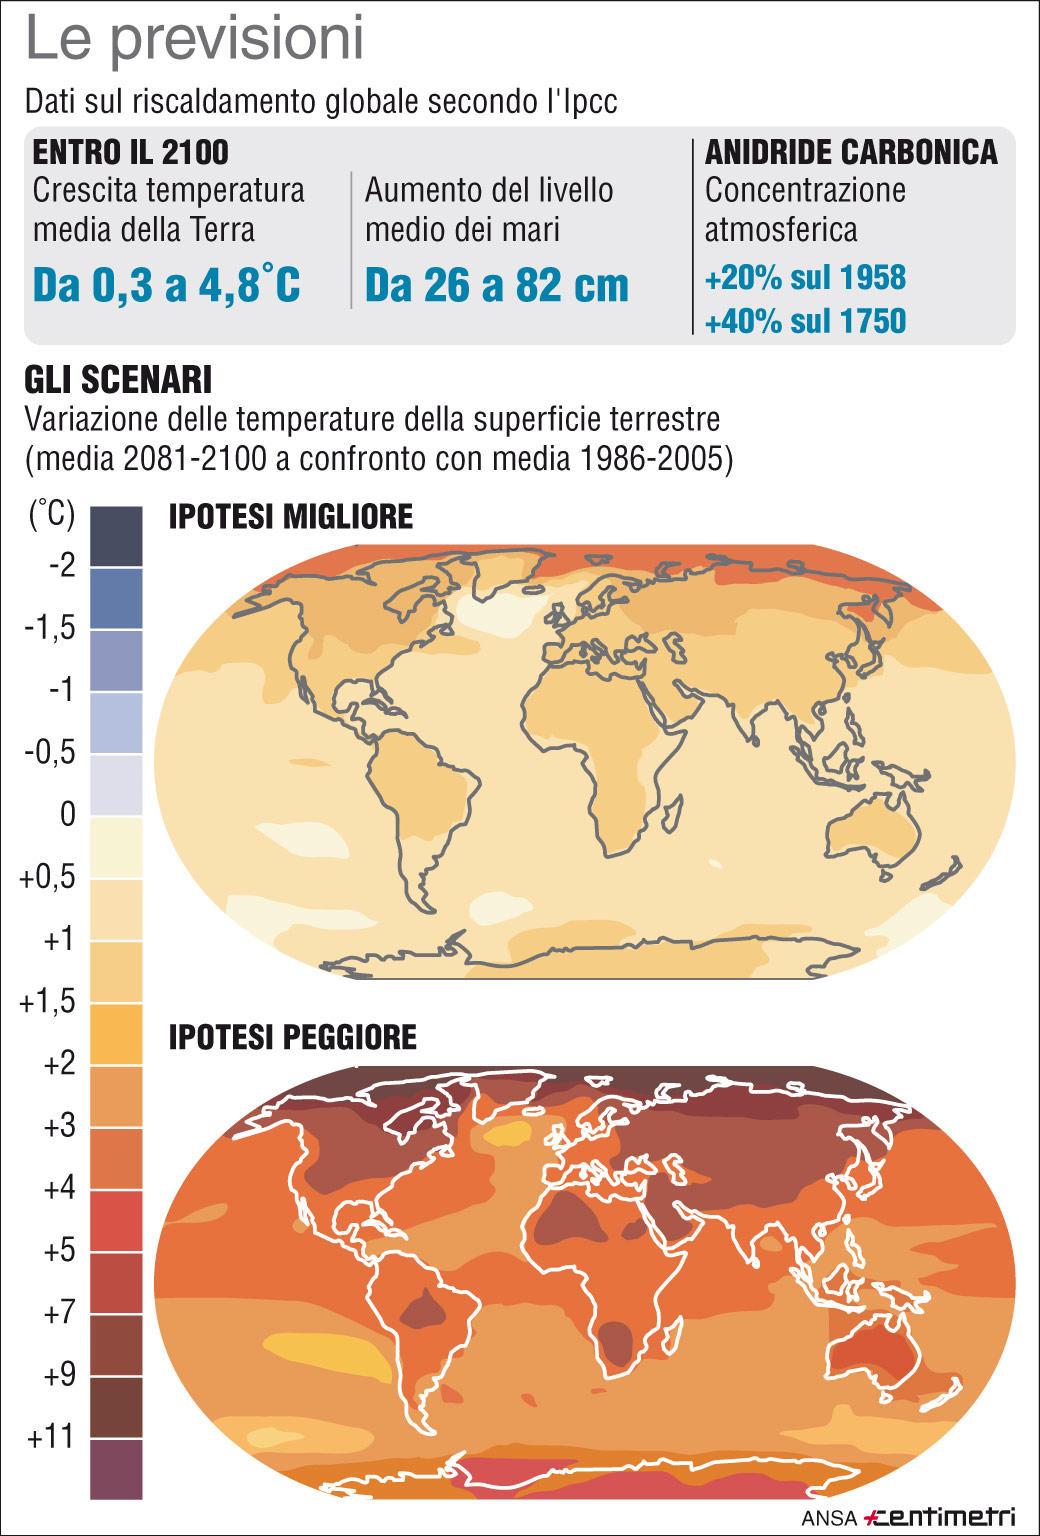 Clima, le previsioni sul riscaldamento globale